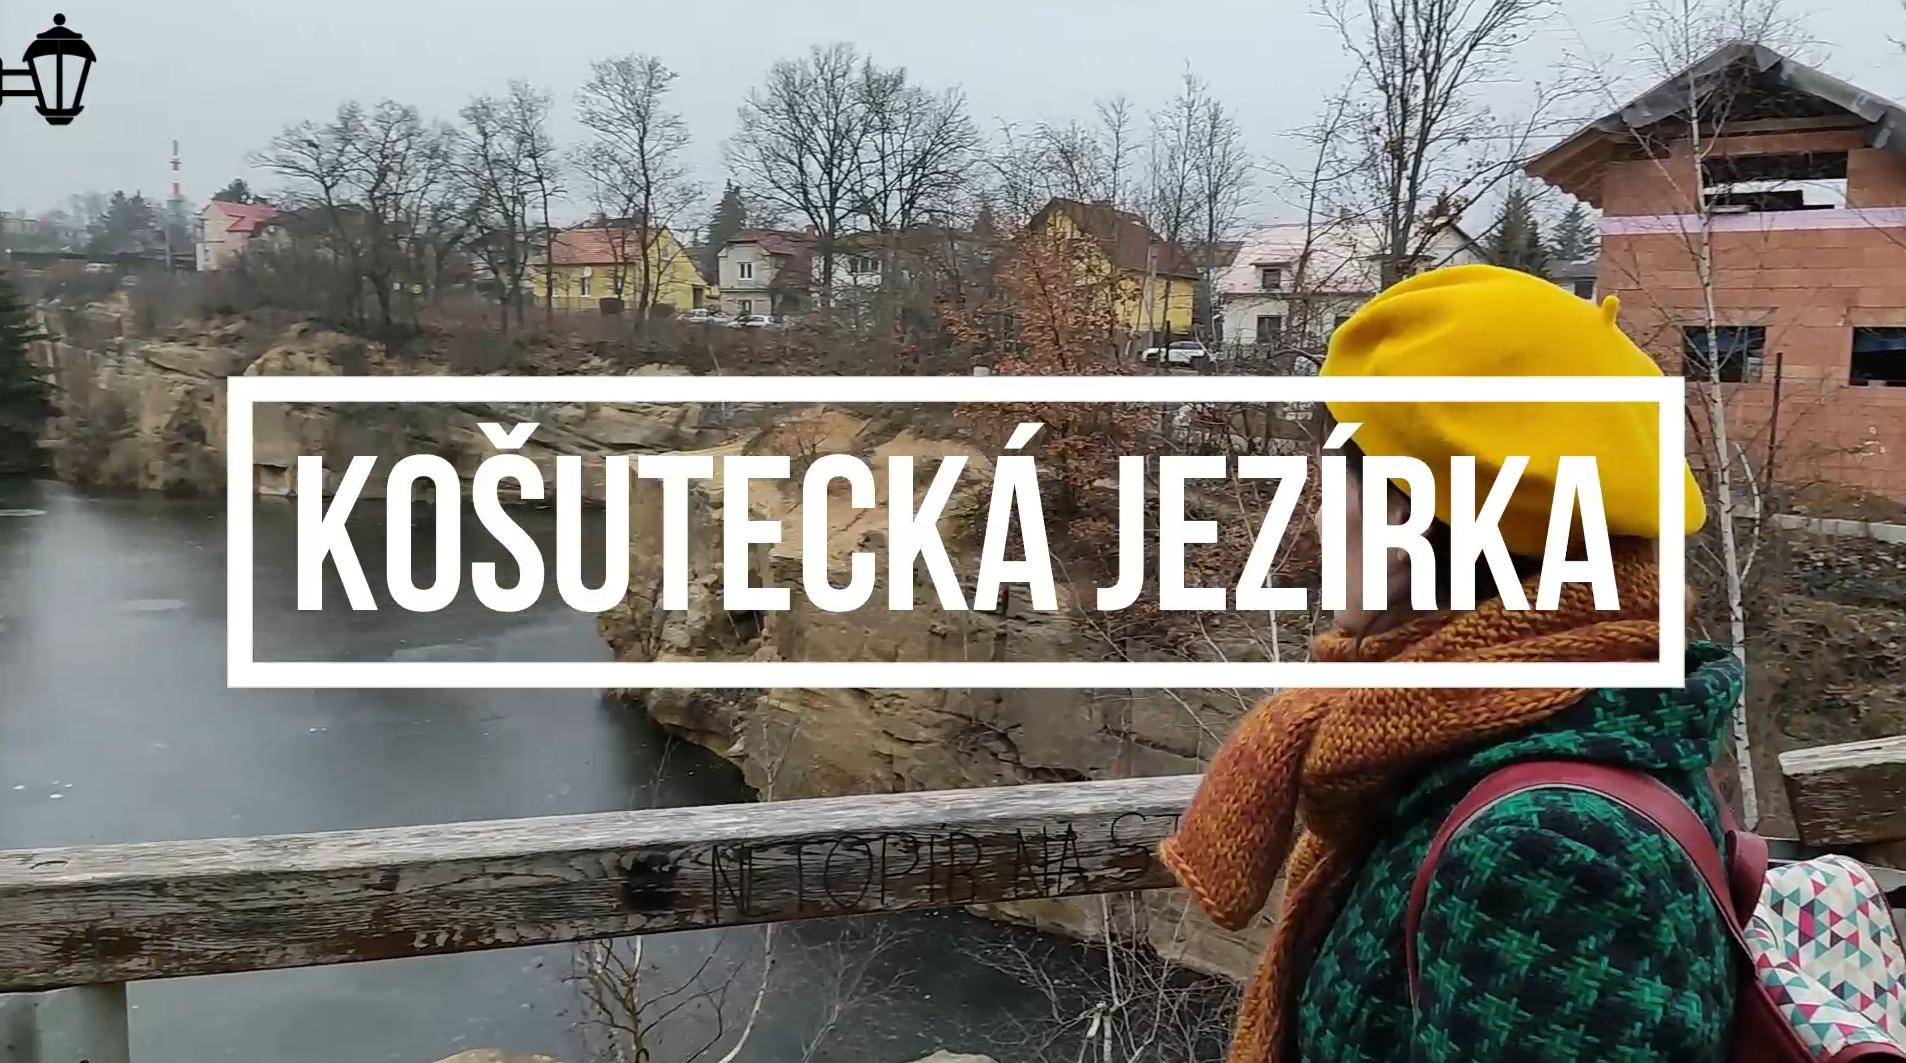 Plzeň známá neznámá: Košutecká jezírka